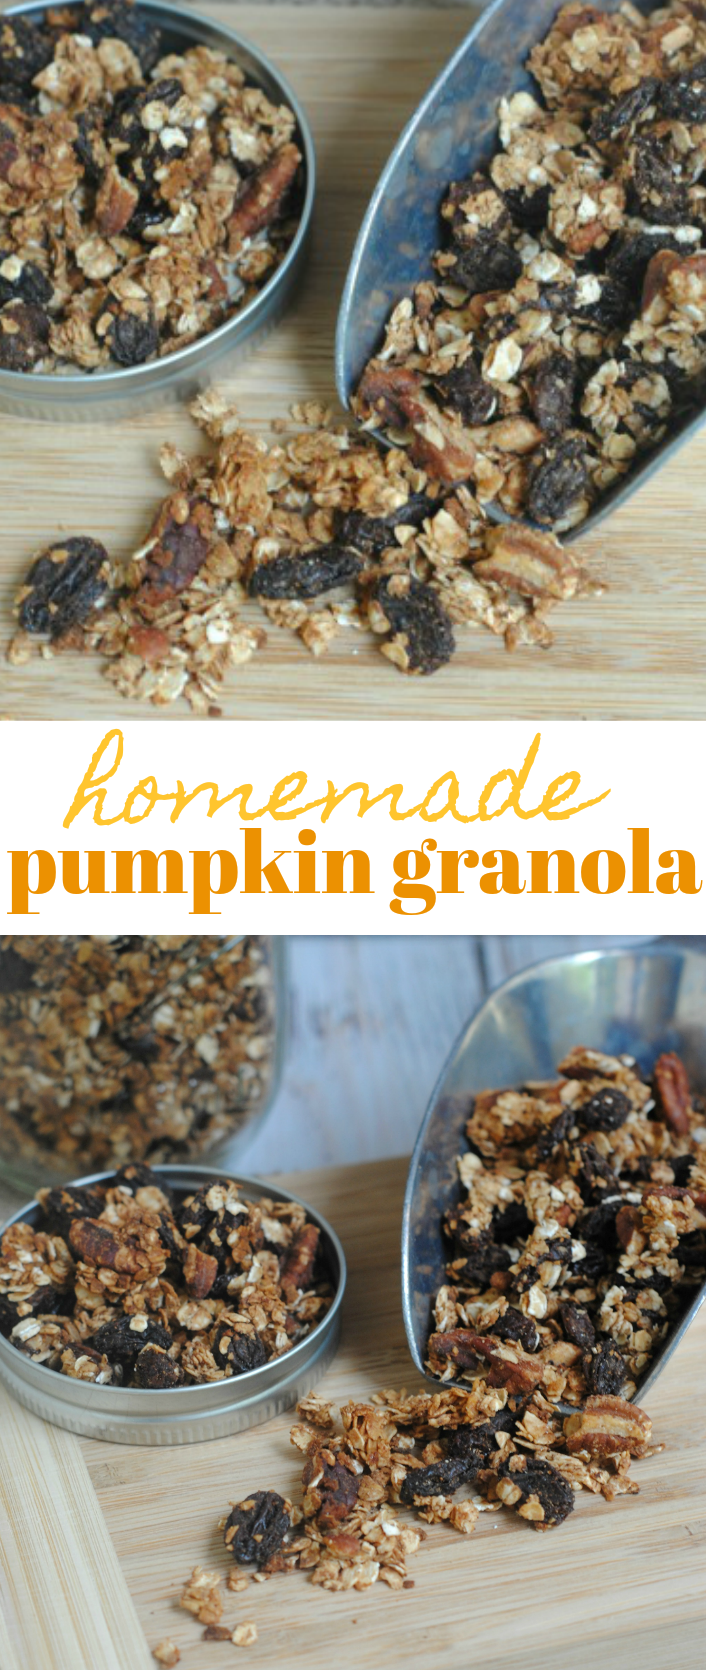 homemade pumpkin granola recipe